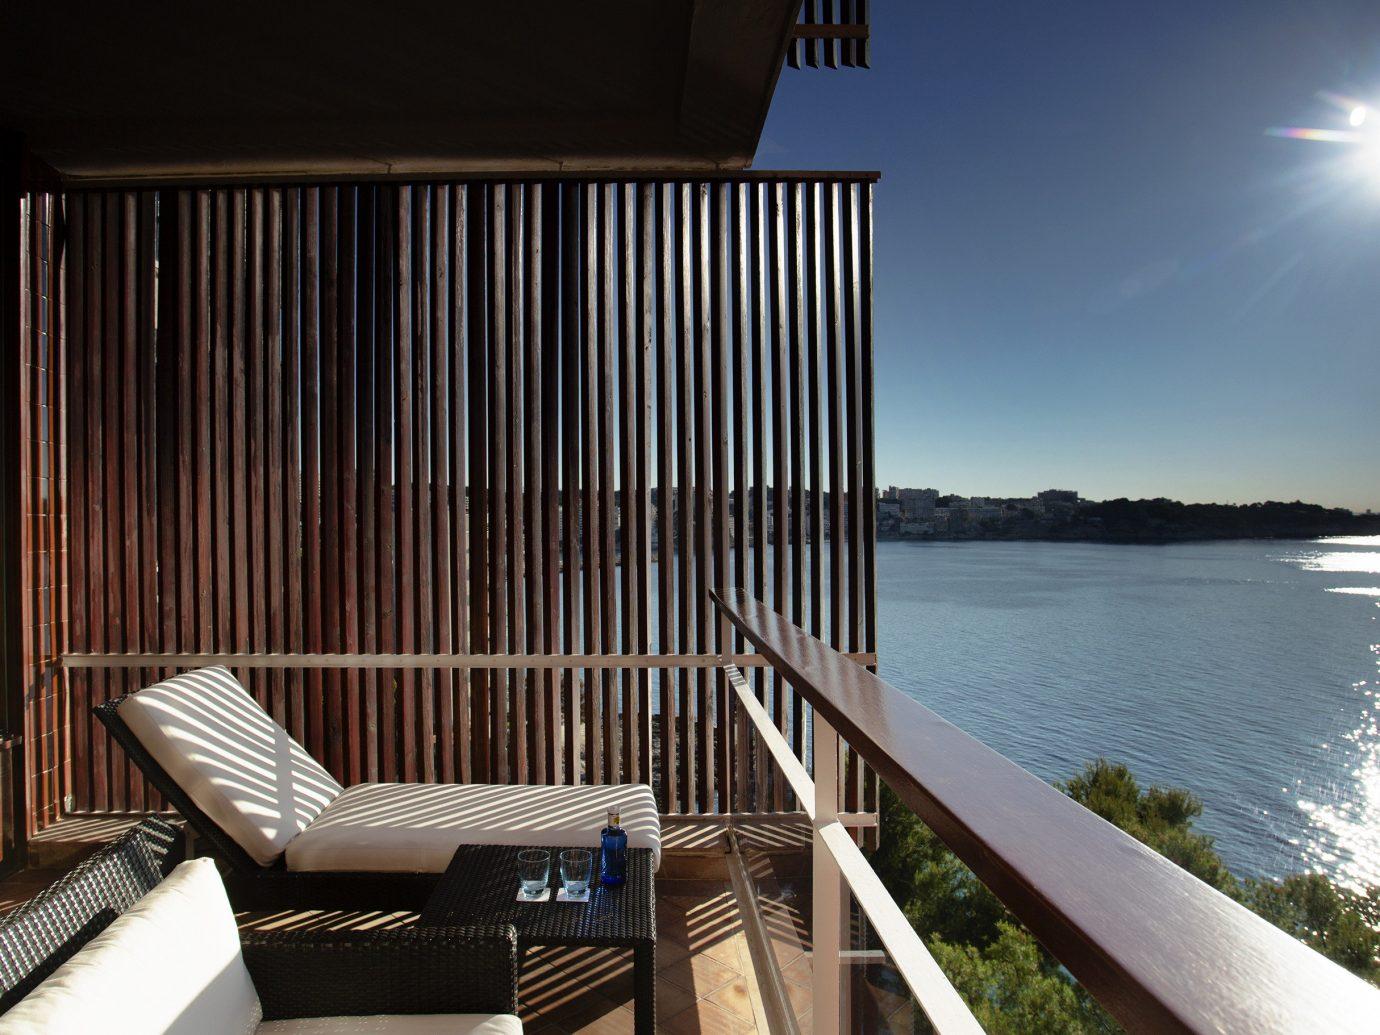 Hotels water outdoor house interior design estate overlooking